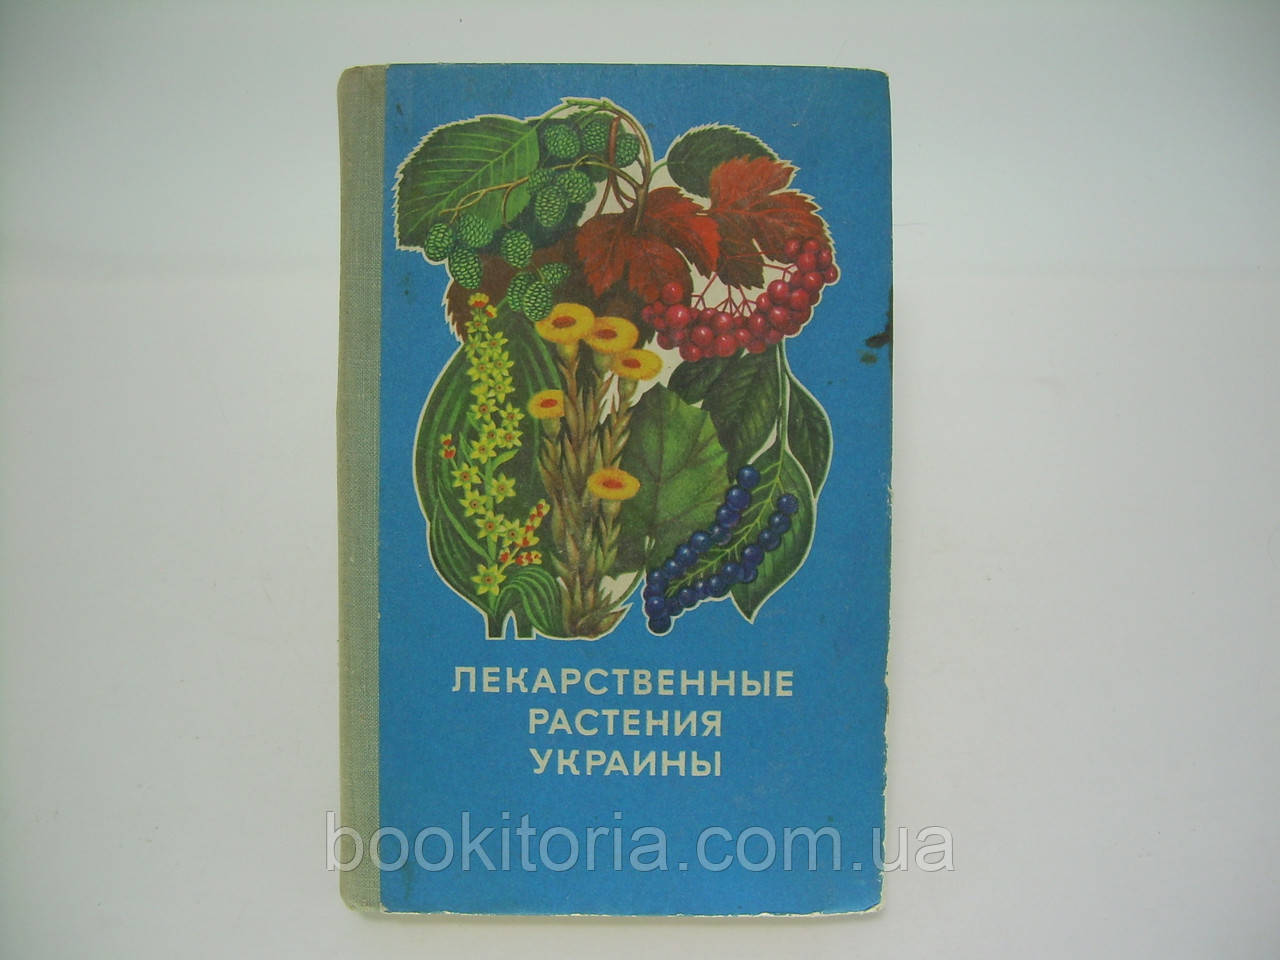 Ивашин Д., Катина З., Рыбачук И. и др. Лекарственные растения Украины (б/у).